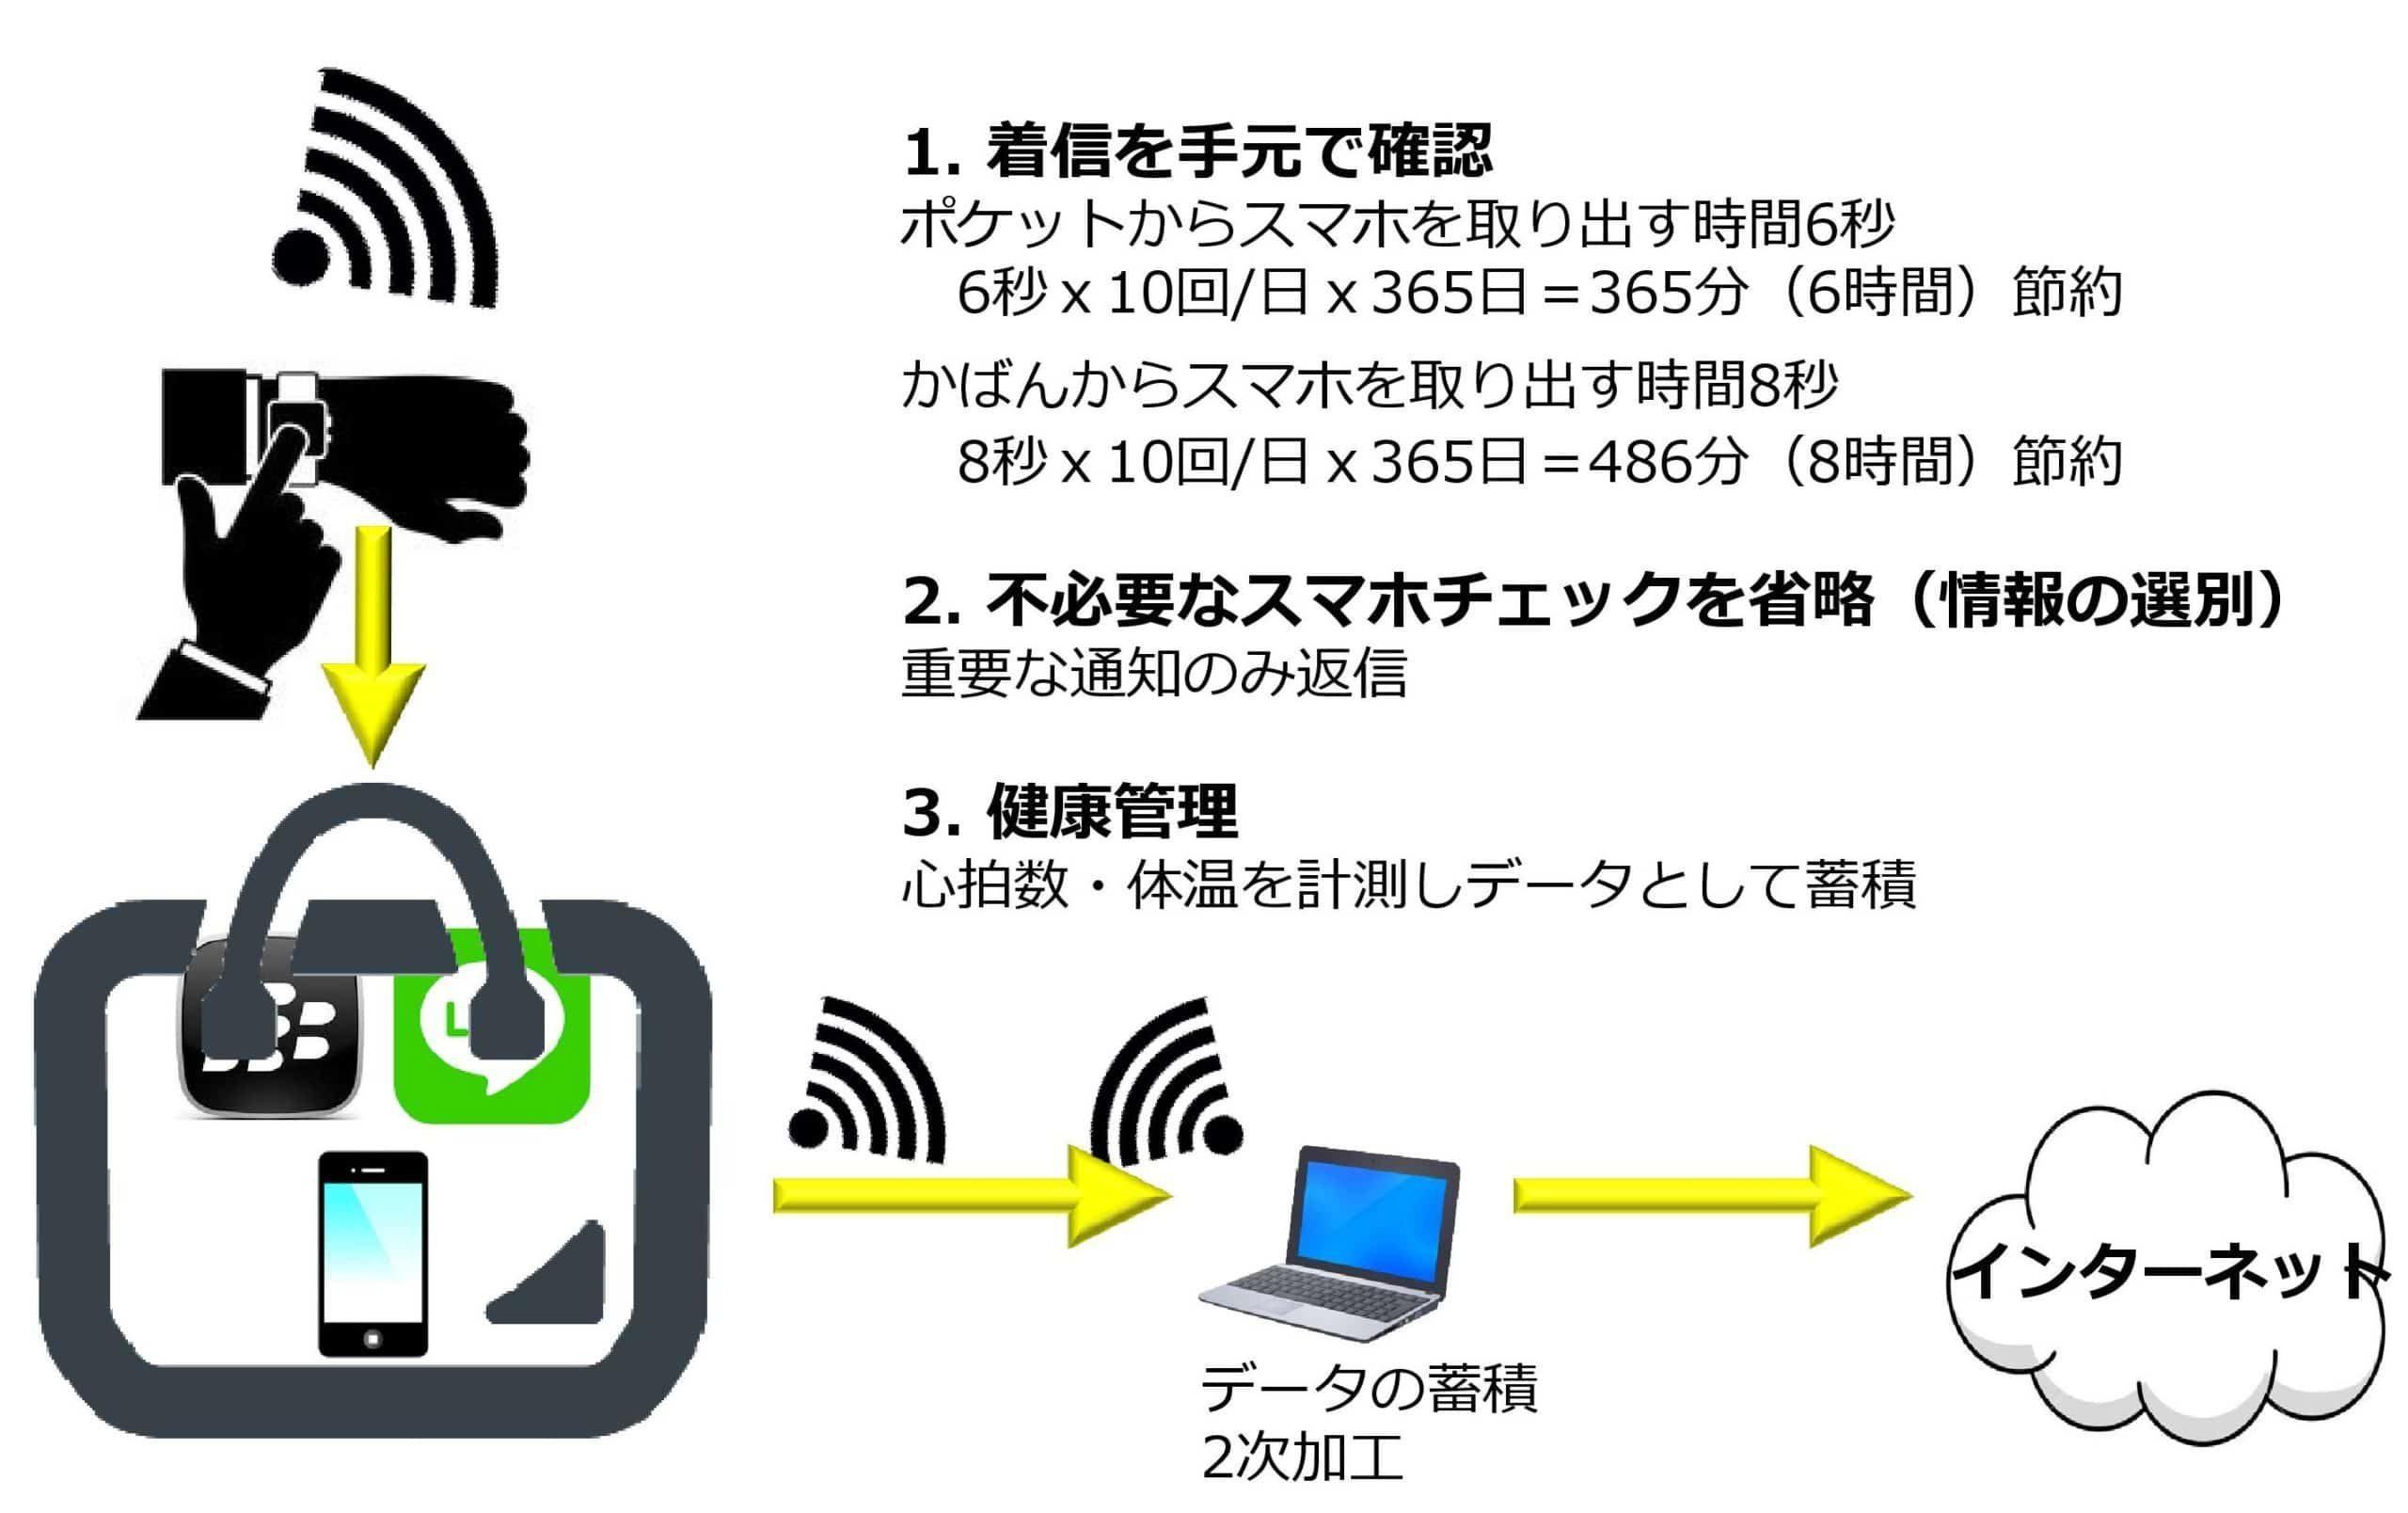 ウェアラブルデバイス(スマートウォッチ)による着信確認・バロメーター収集